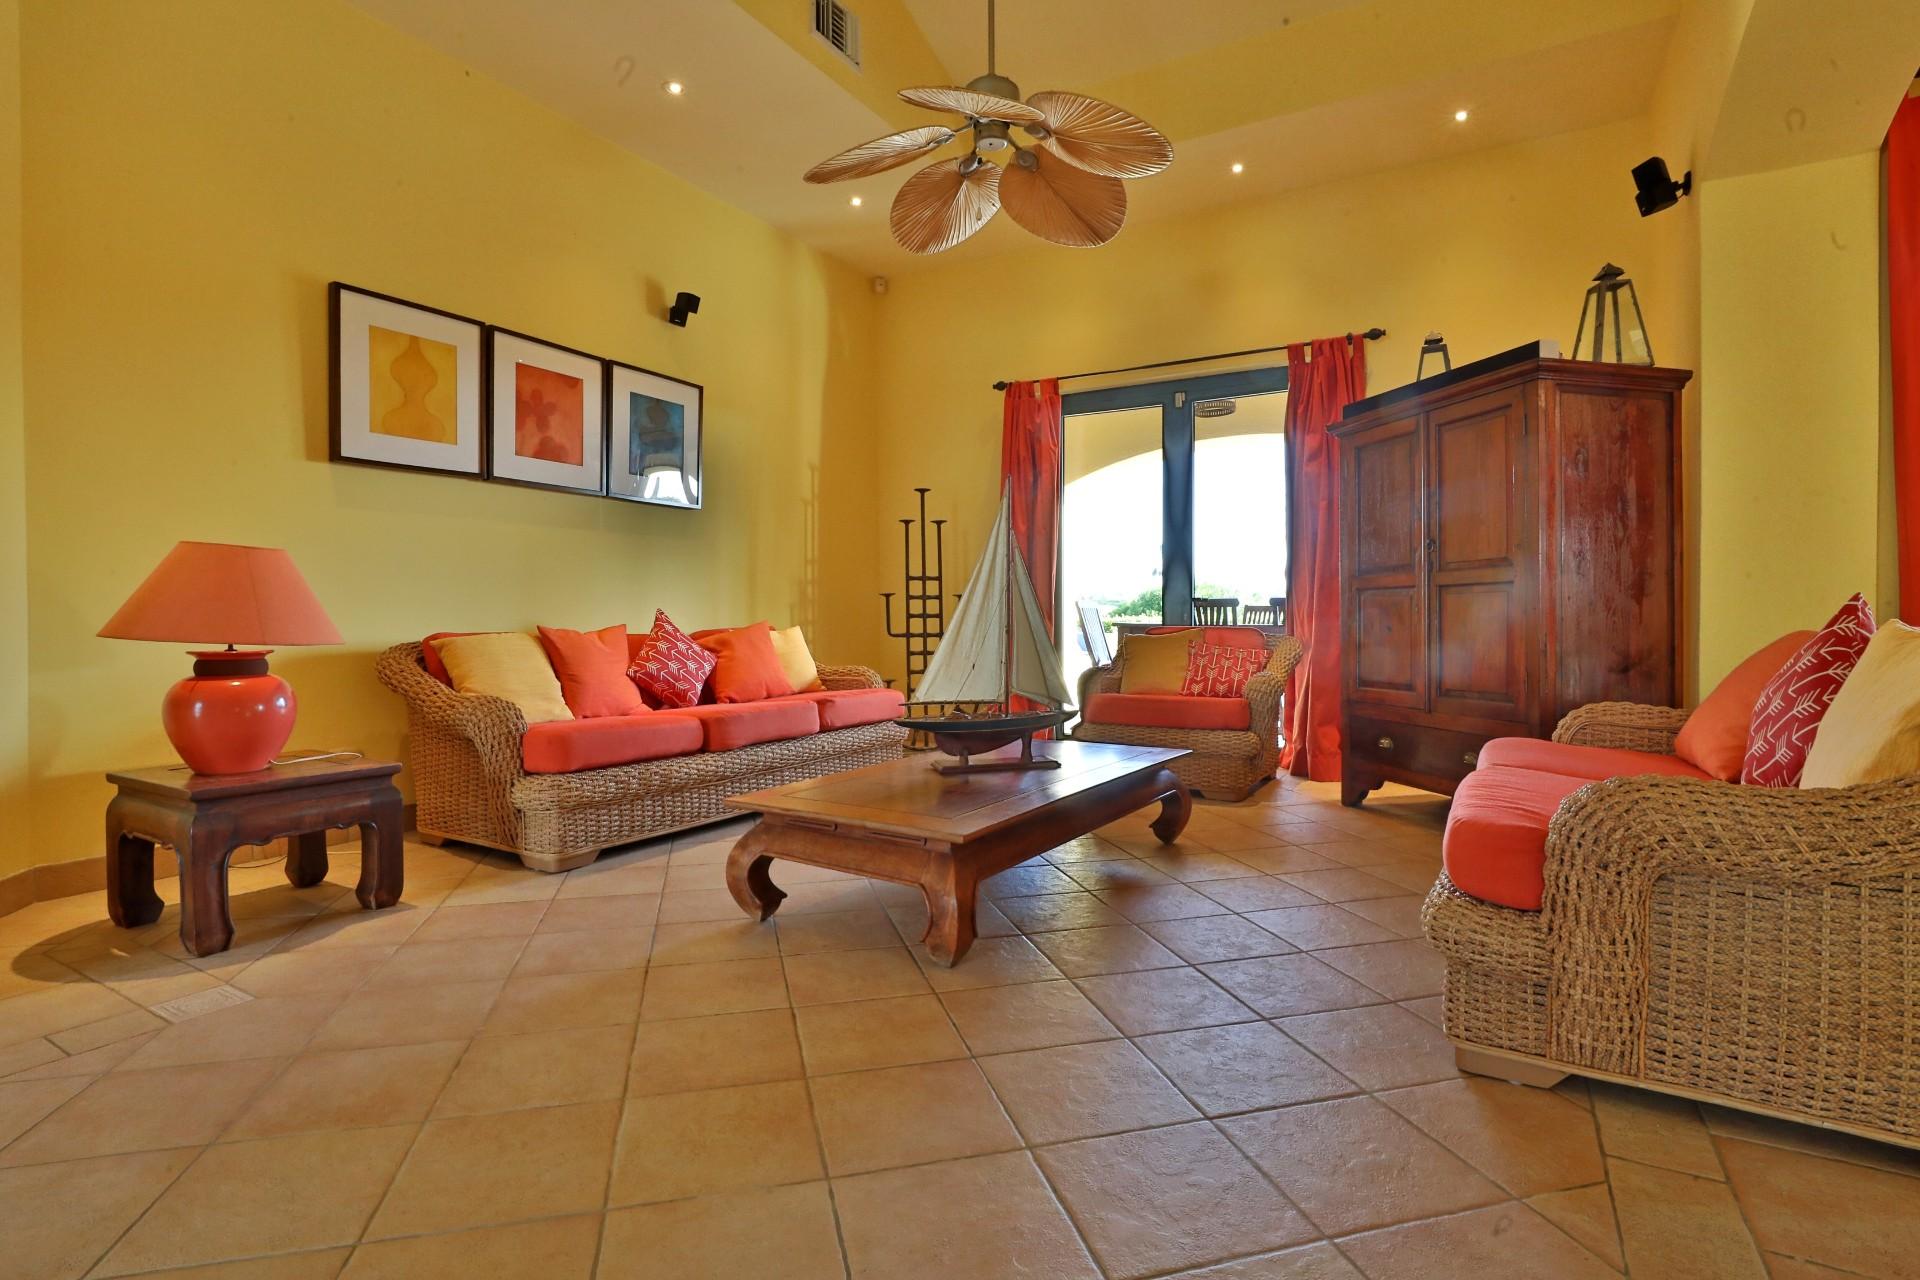 Apartment Aruba Dreams located in the prestigious Tierra del Sol community photo 22820846